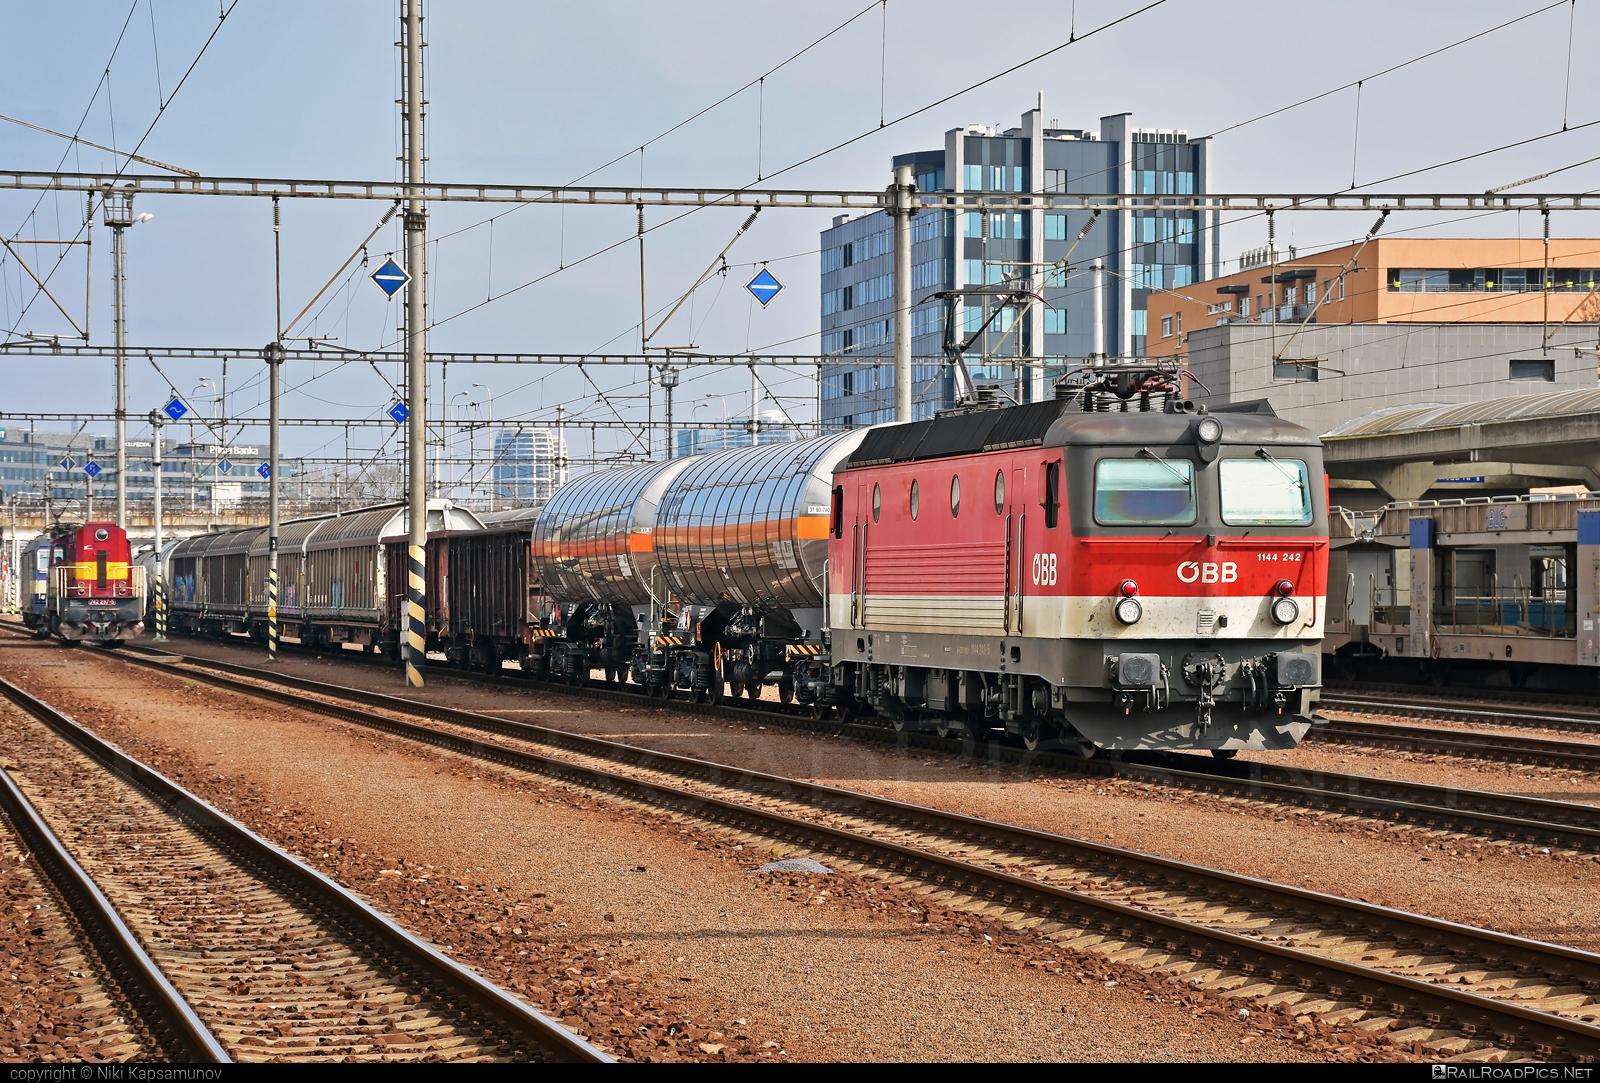 SGP ÖBB Class 1144 - 1144 242 operated by Rail Cargo Austria AG #obb #obbclass1144 #osterreichischebundesbahnen #rcw #sgp #sgp1144 #simmeringgrazpauker